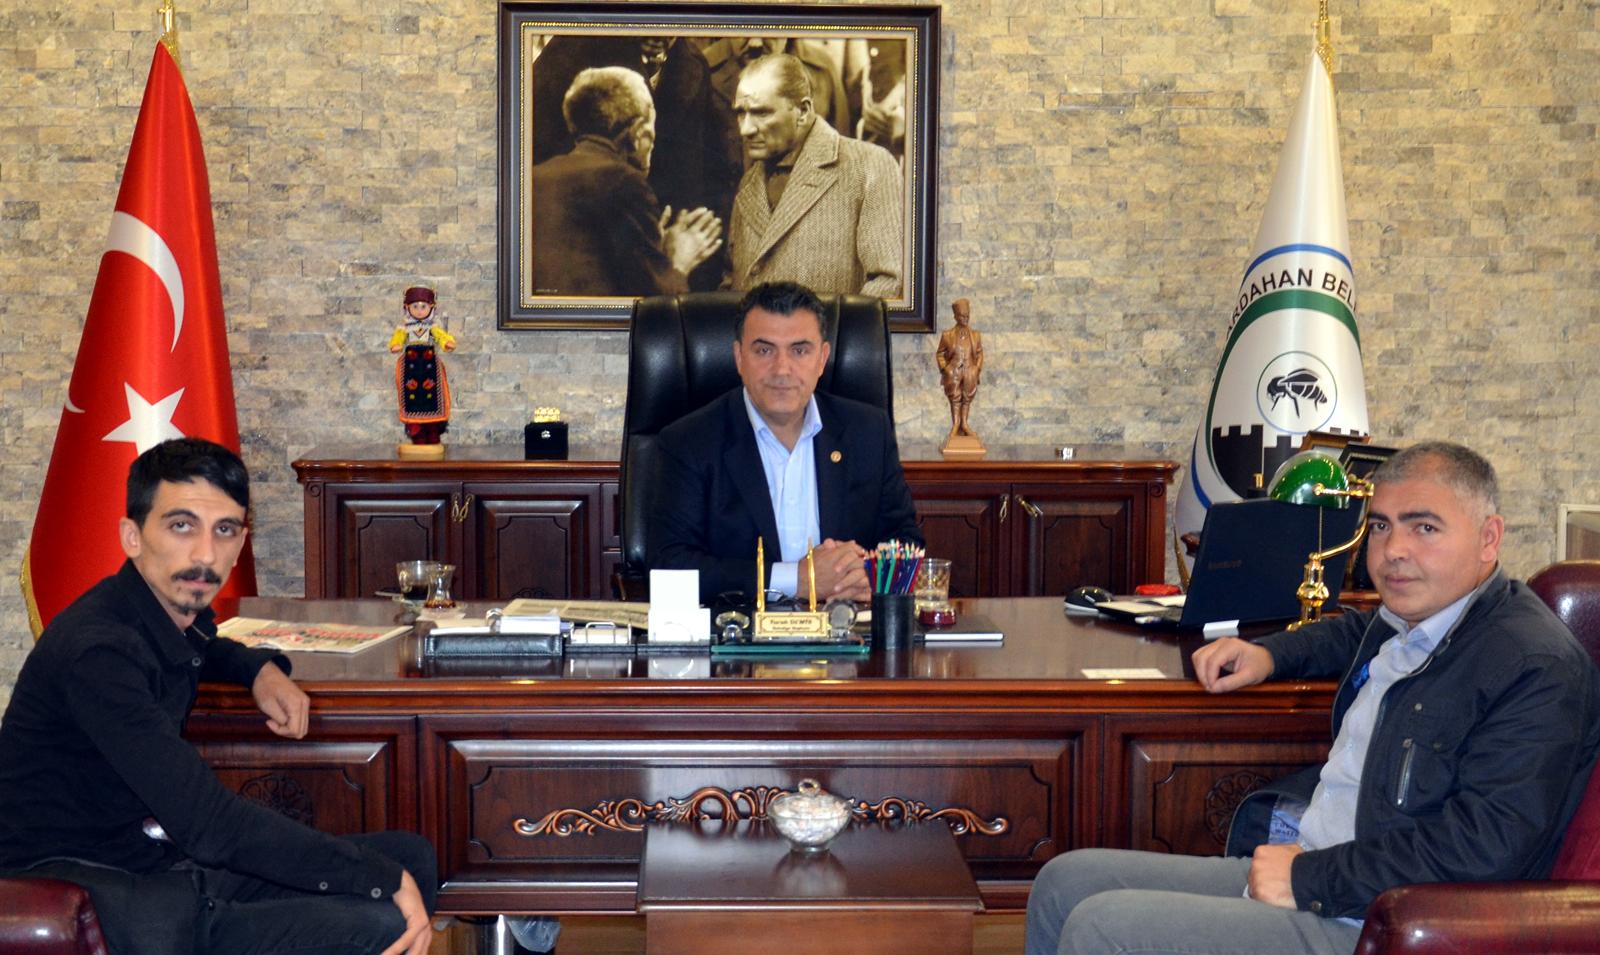 Başkan Demir, izin vermeyeceğim